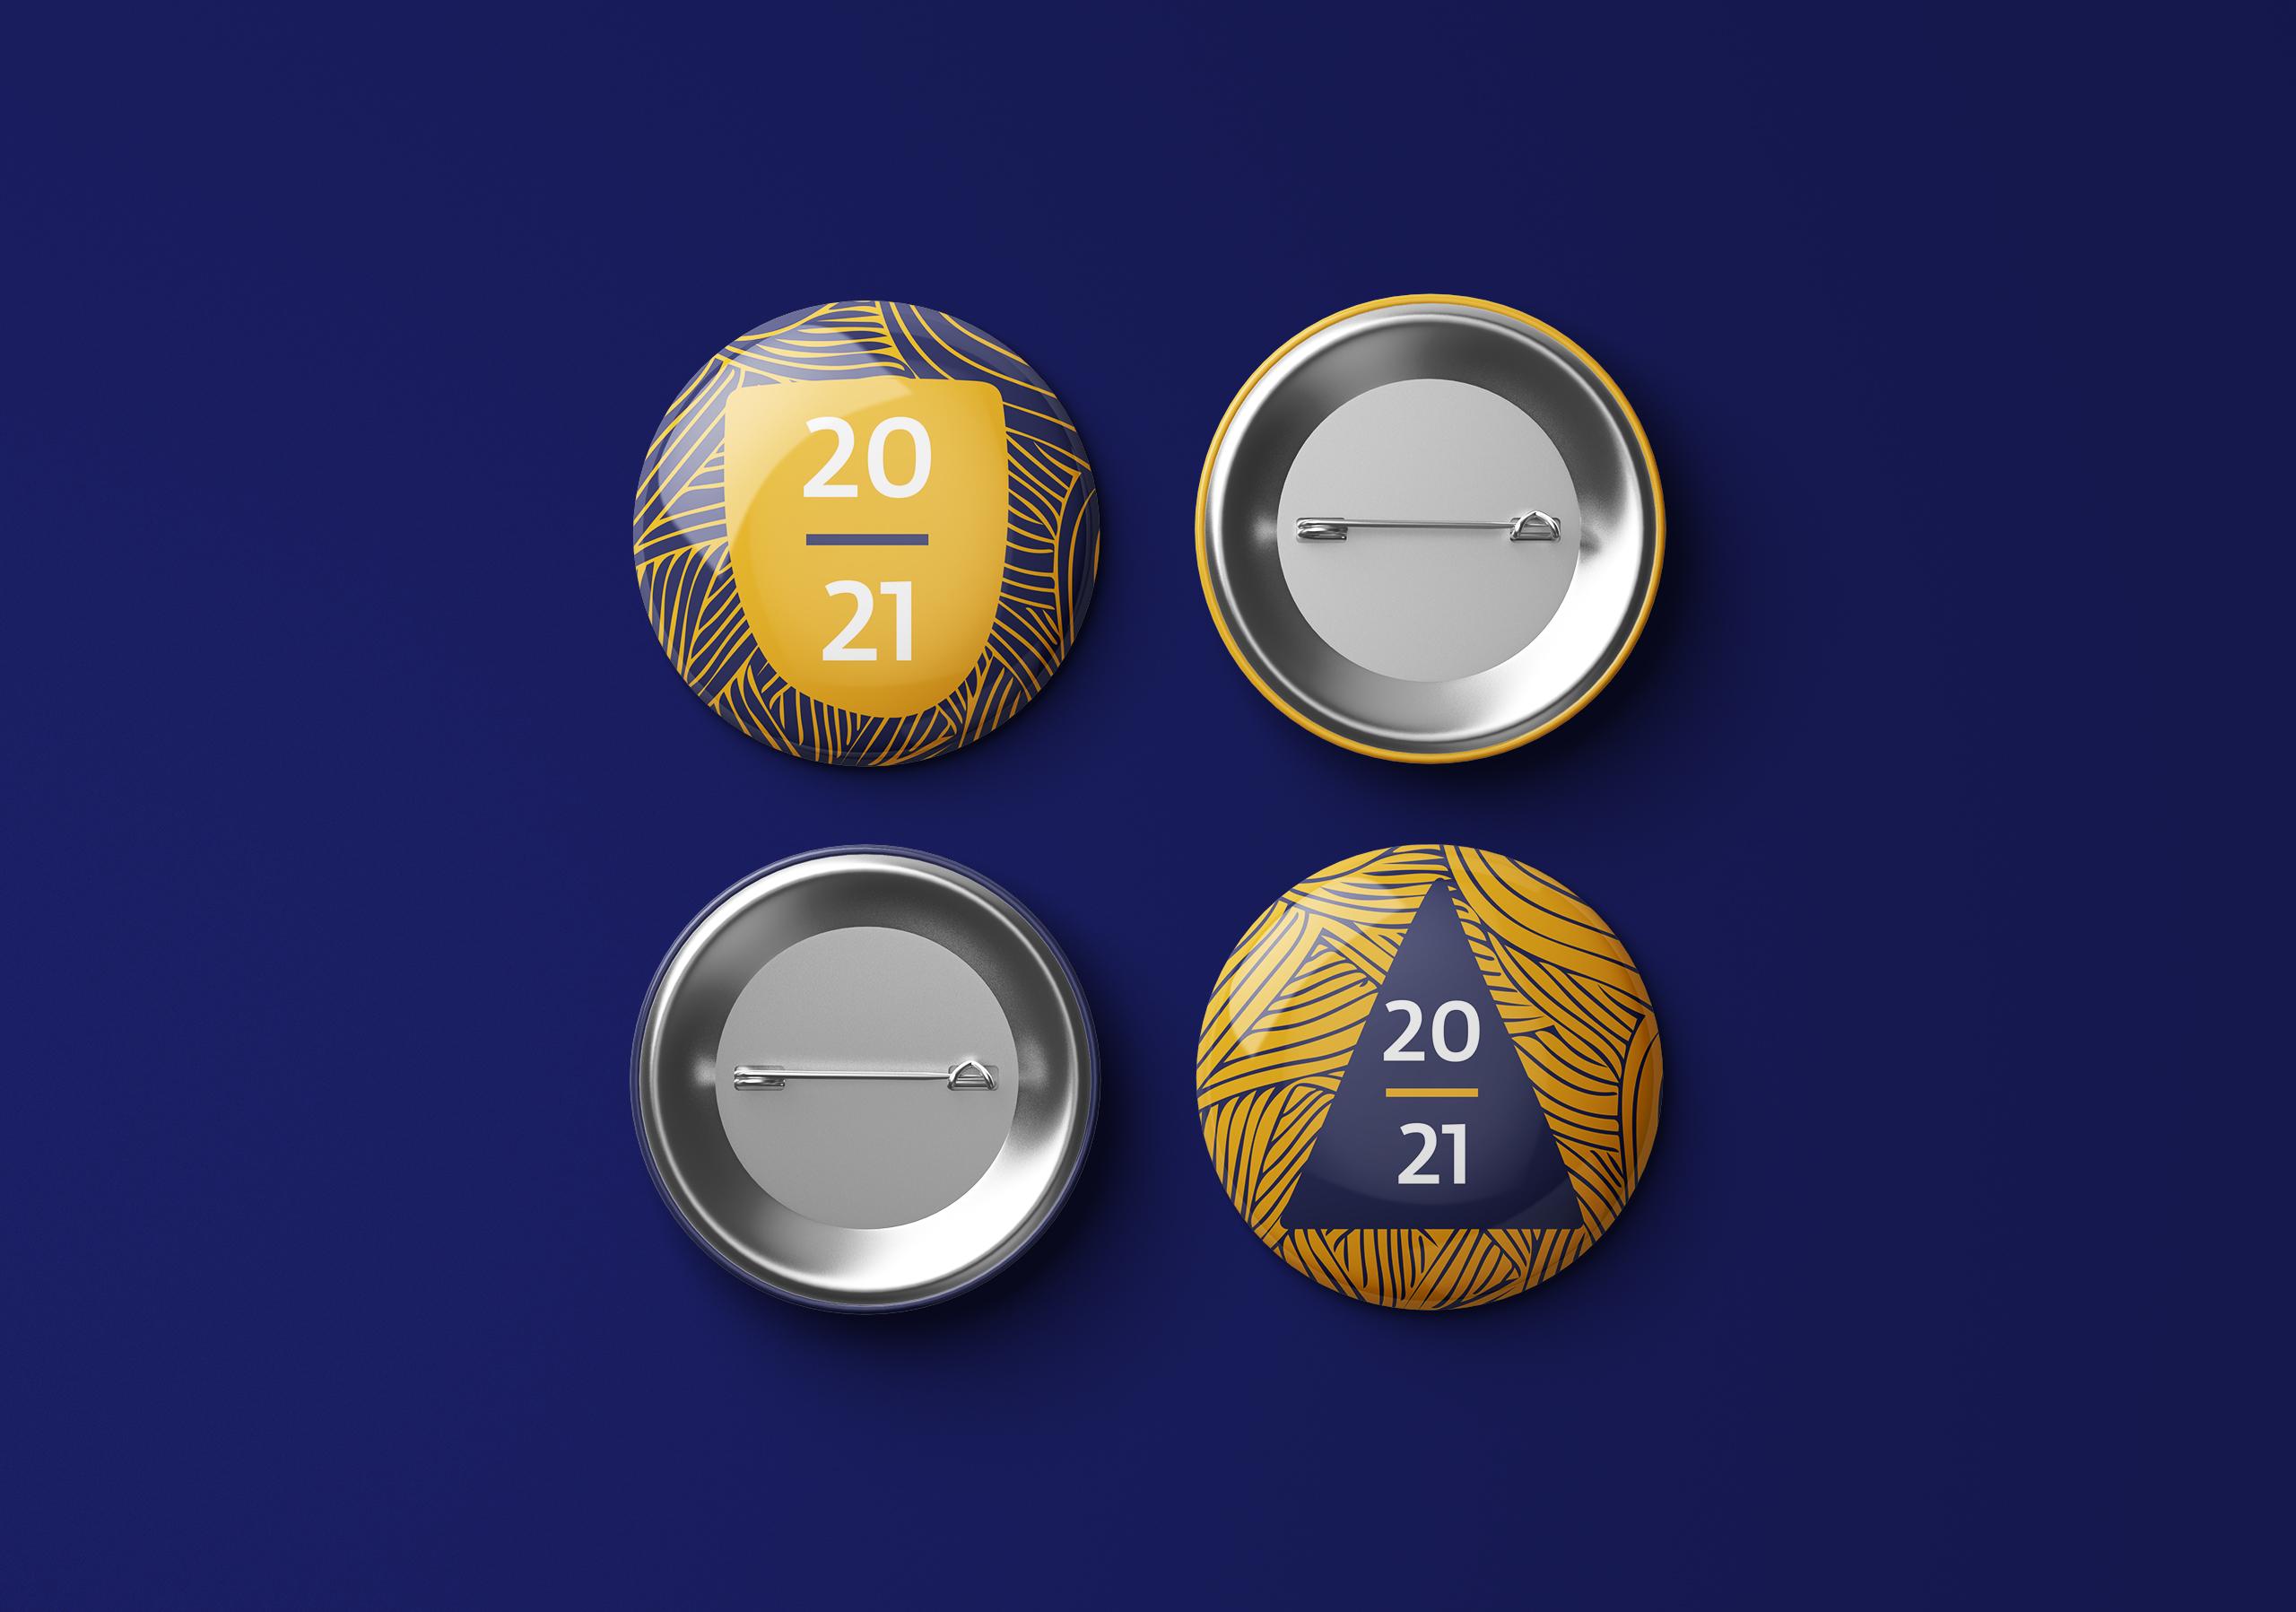 Saison culturelle 2020-2021 Maisons-Laffitte badges